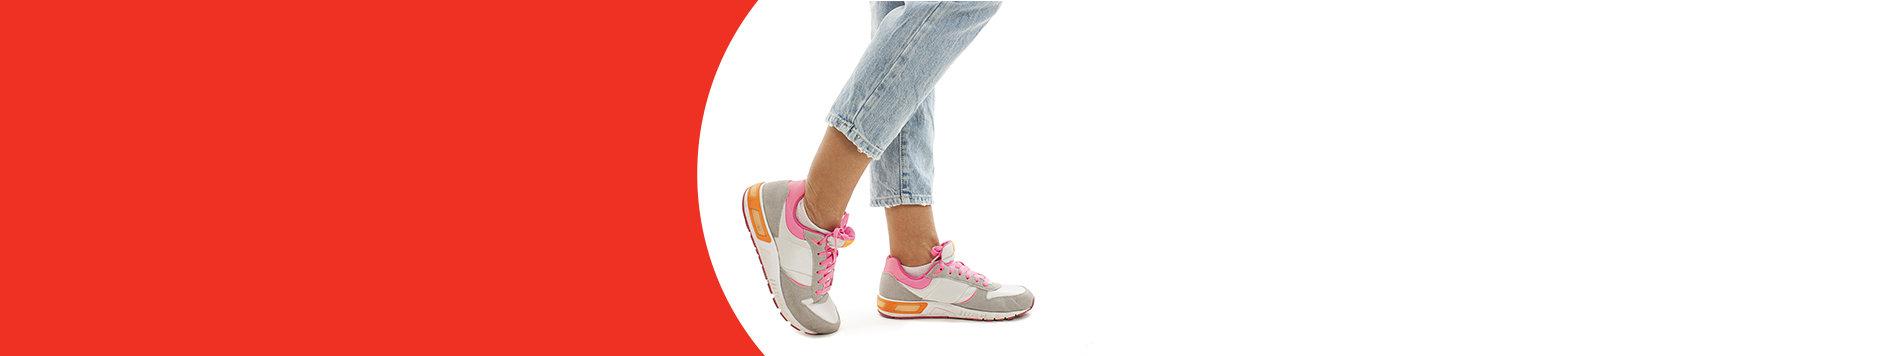 Comfort and sport shoes for women נעלי נוחות וספורט נשים